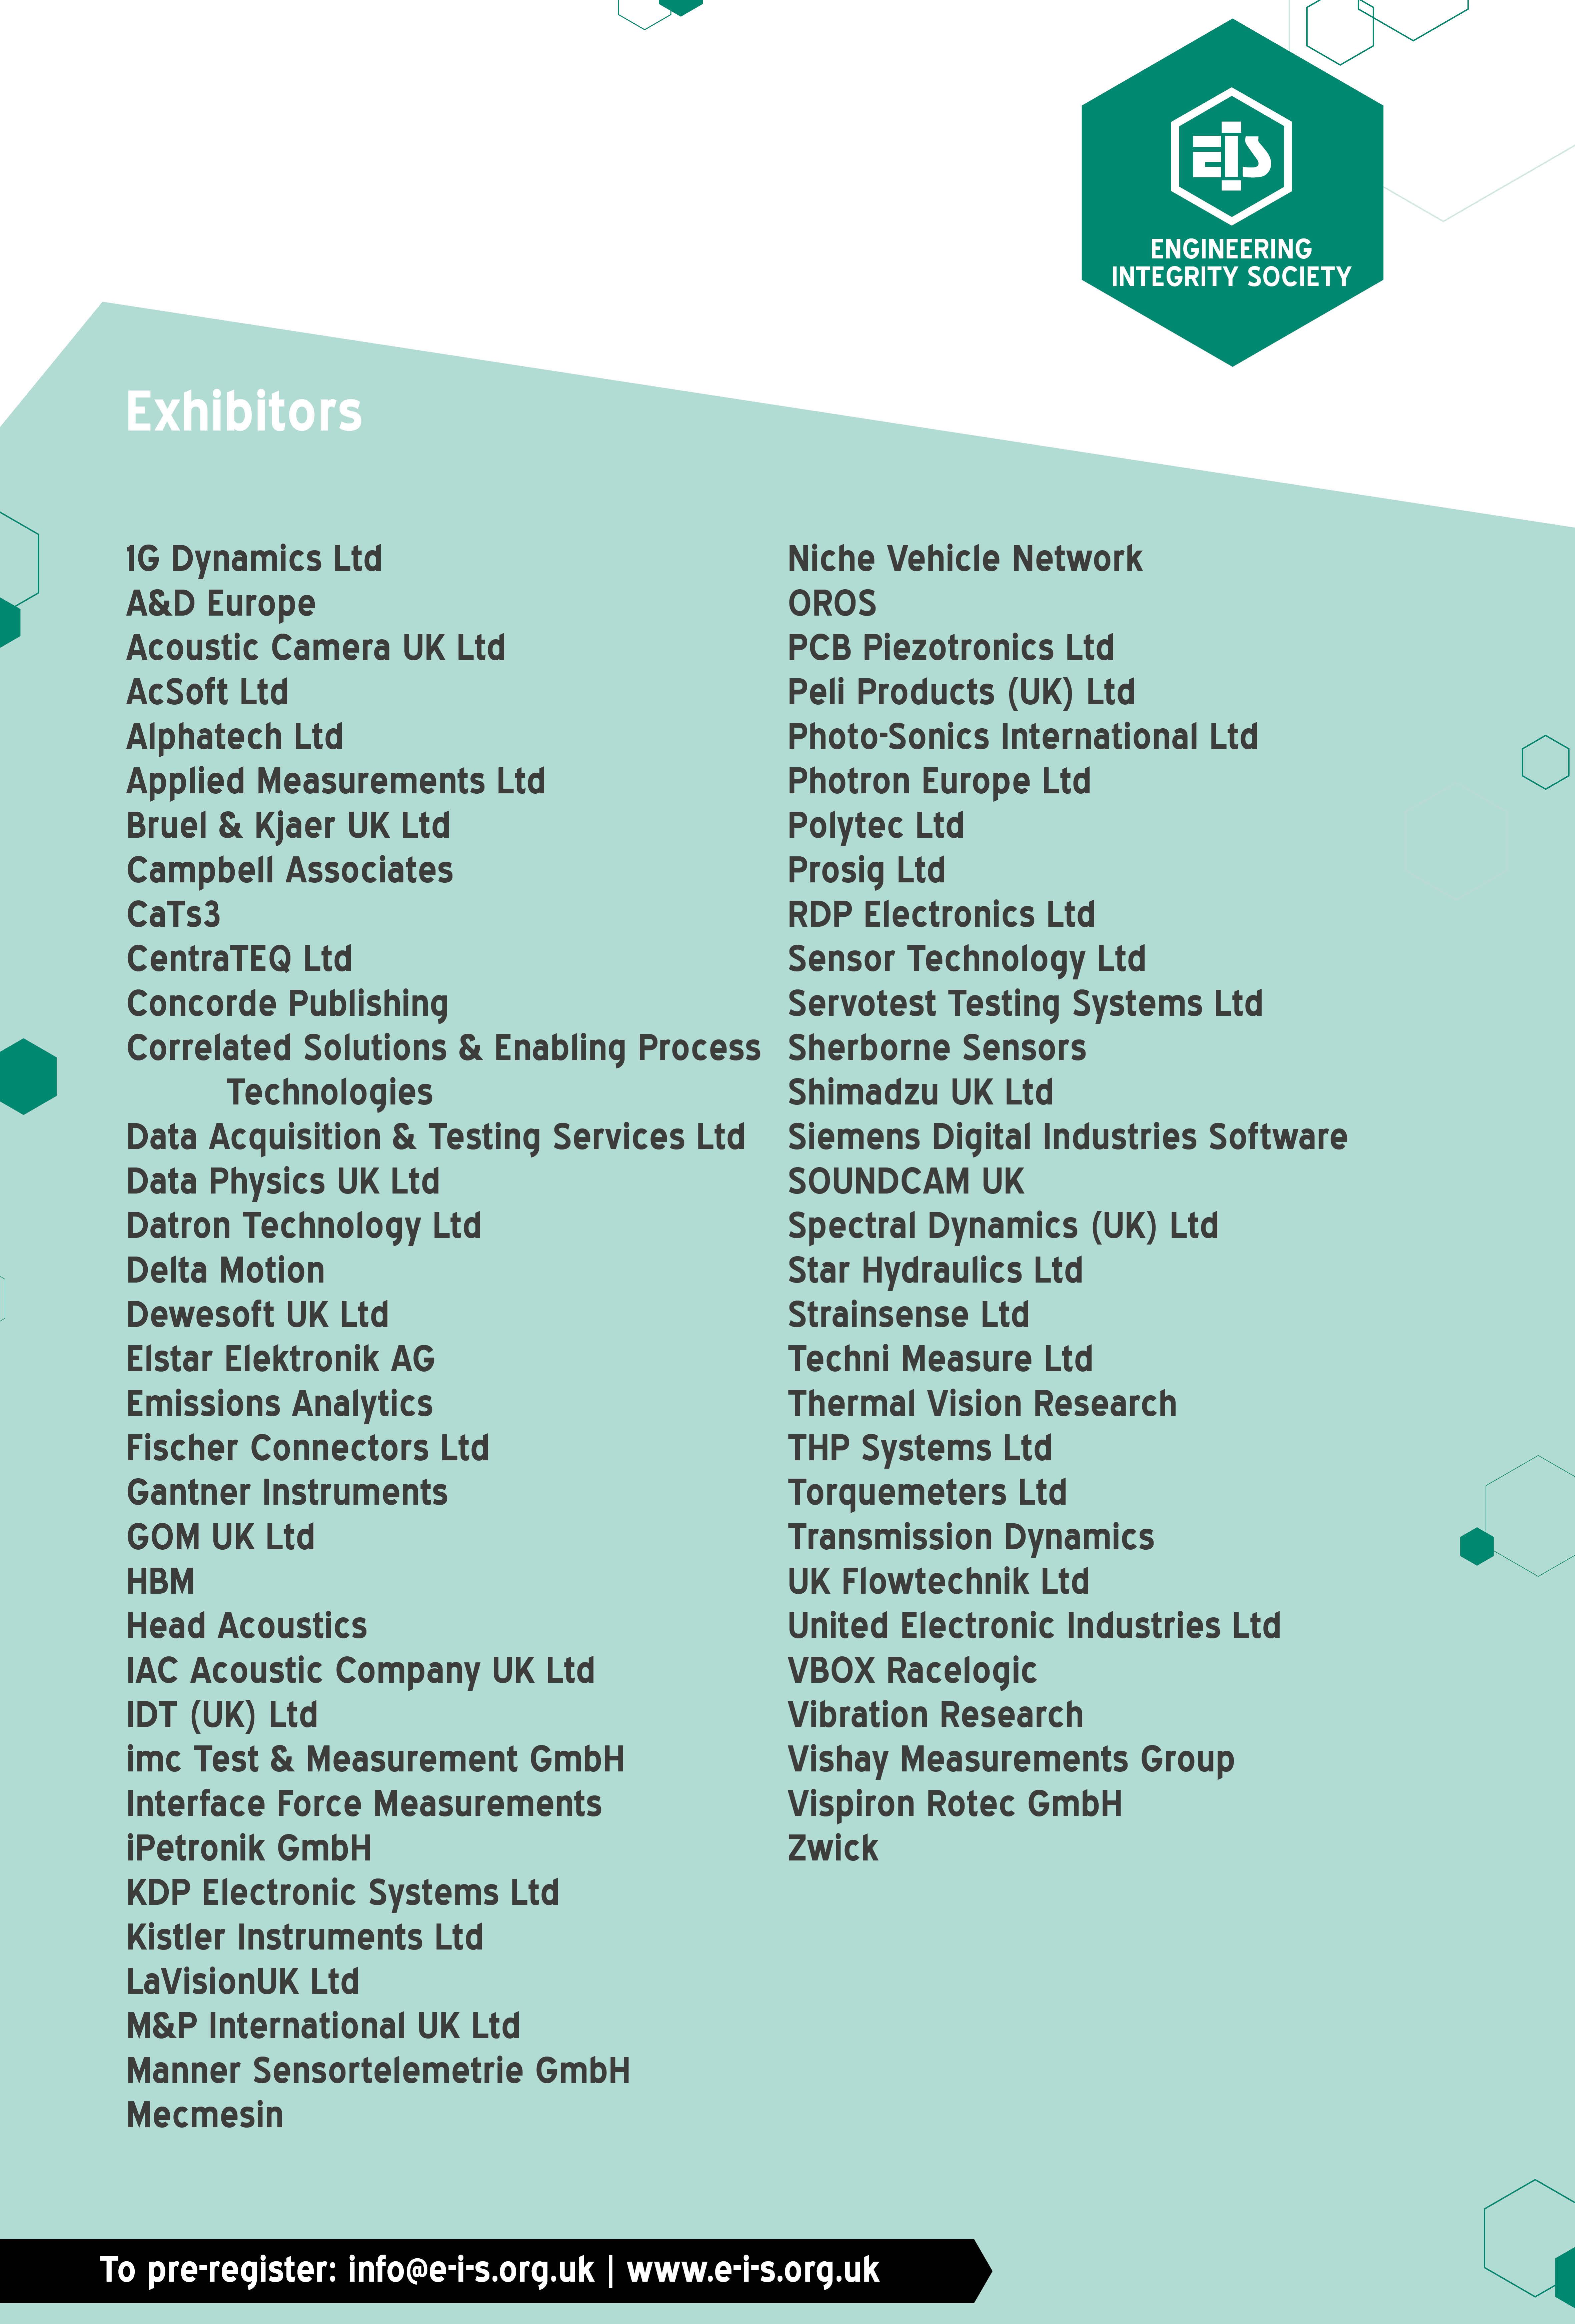 20200309 Exhibitor List